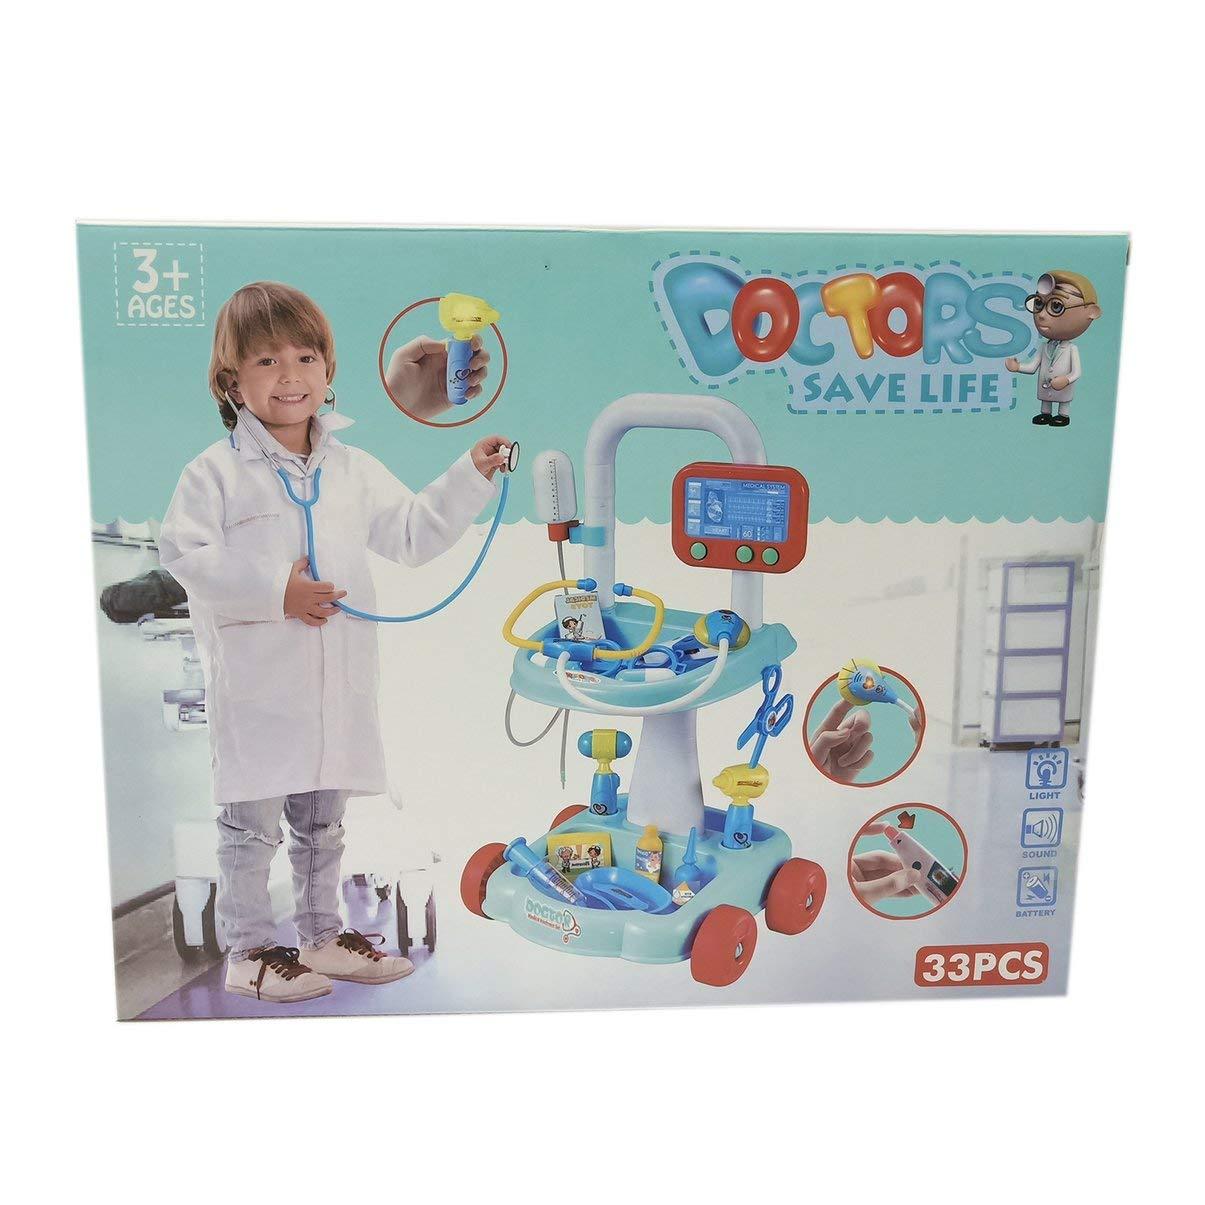 JullyeDEgant Krankenhaus Kinder Spielzeug Kit Pretend Play Arzt Spielzeug fü r Kinder Rollenspiel Klassisches Spielzeug